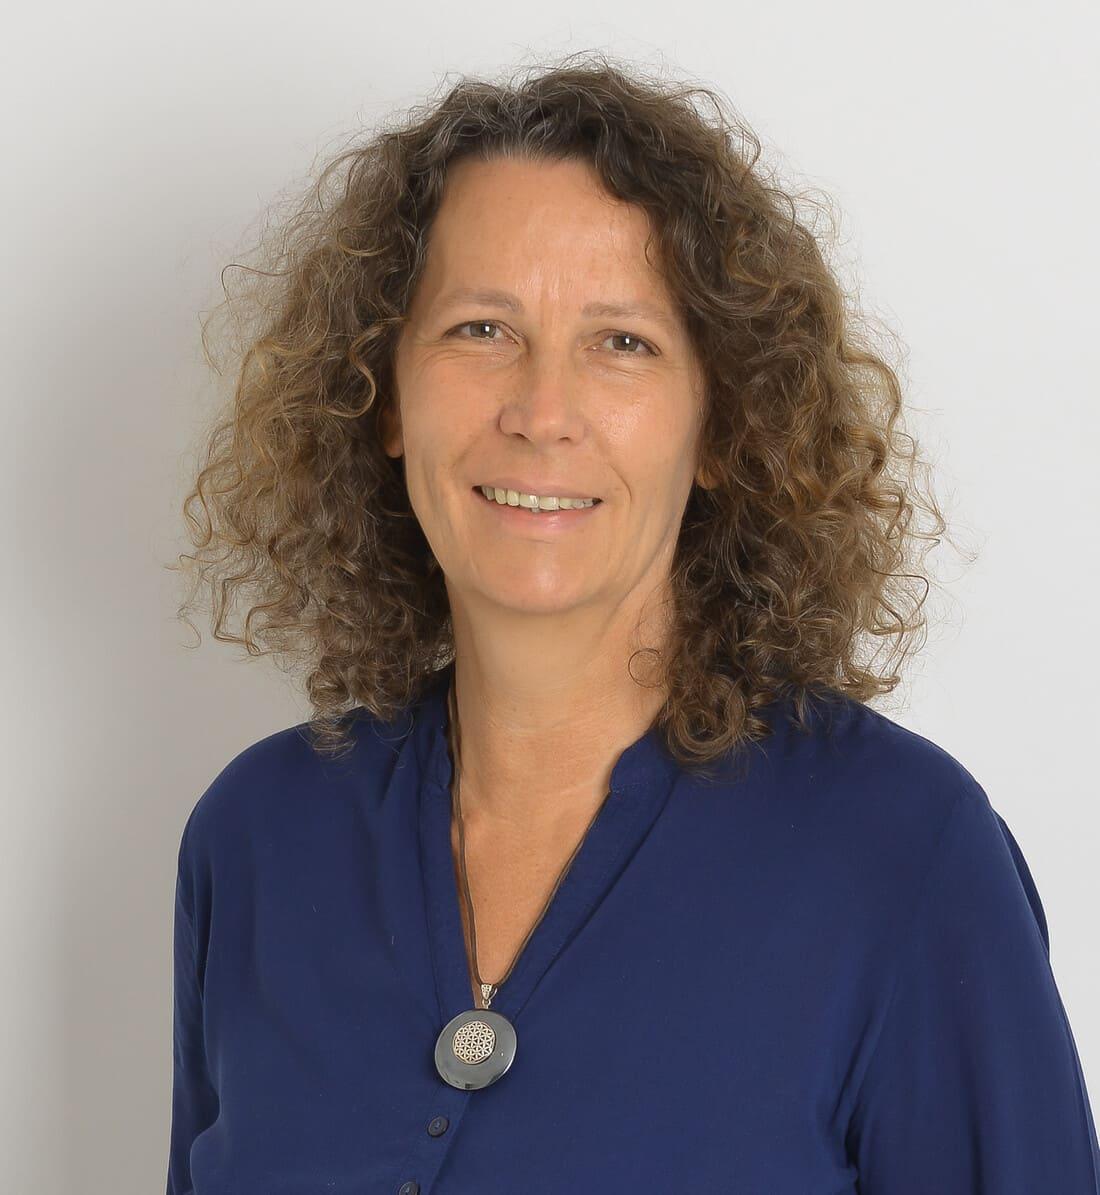 Kerstin Treetzen, Wendepunkt im Leben